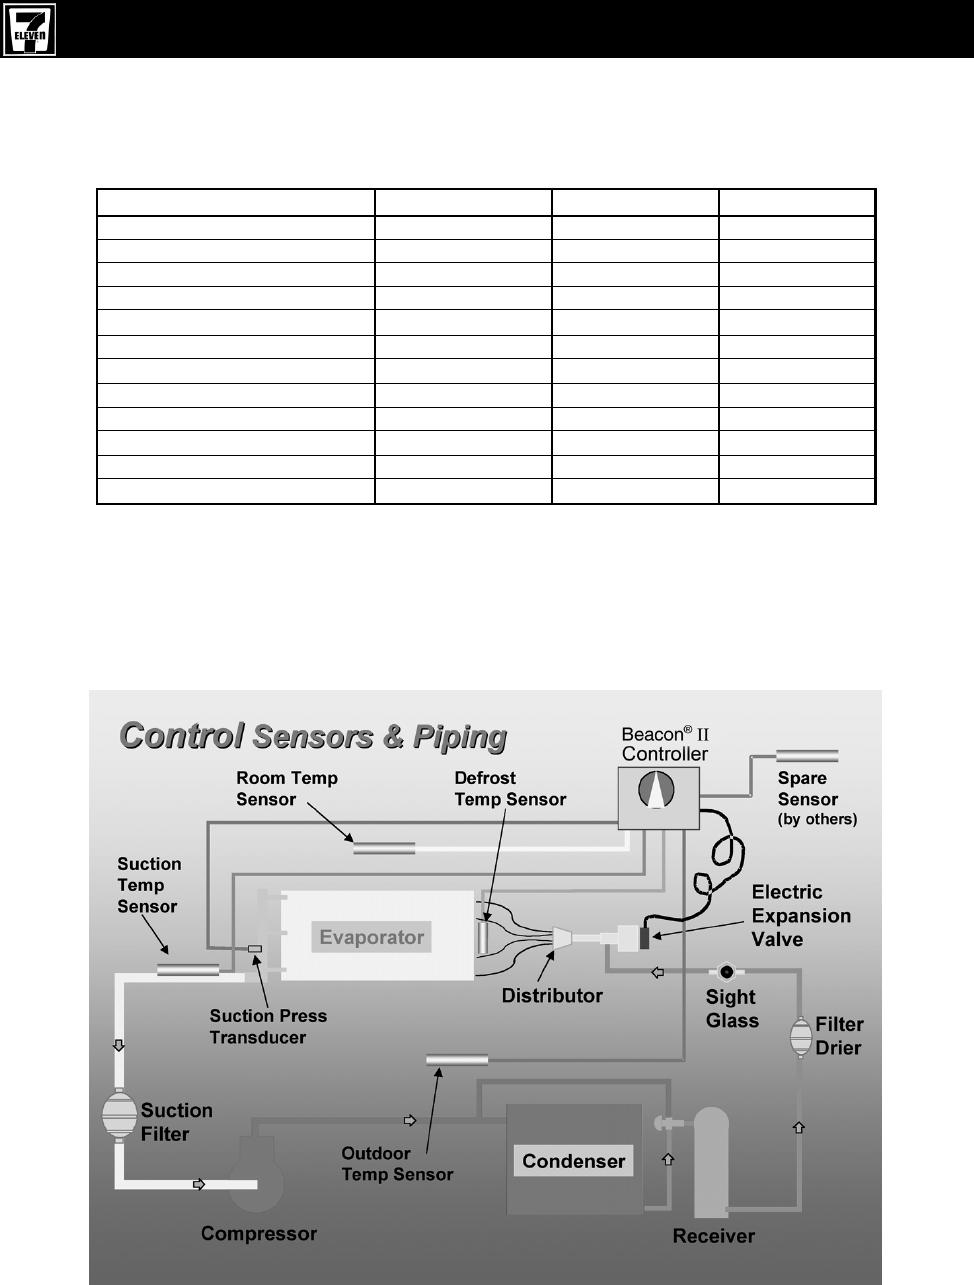 medium resolution of bohn condenser wiring diagram remote best wiring librarybohn freezer wiring diagrams chest freezer diagrams wiring heatcraft